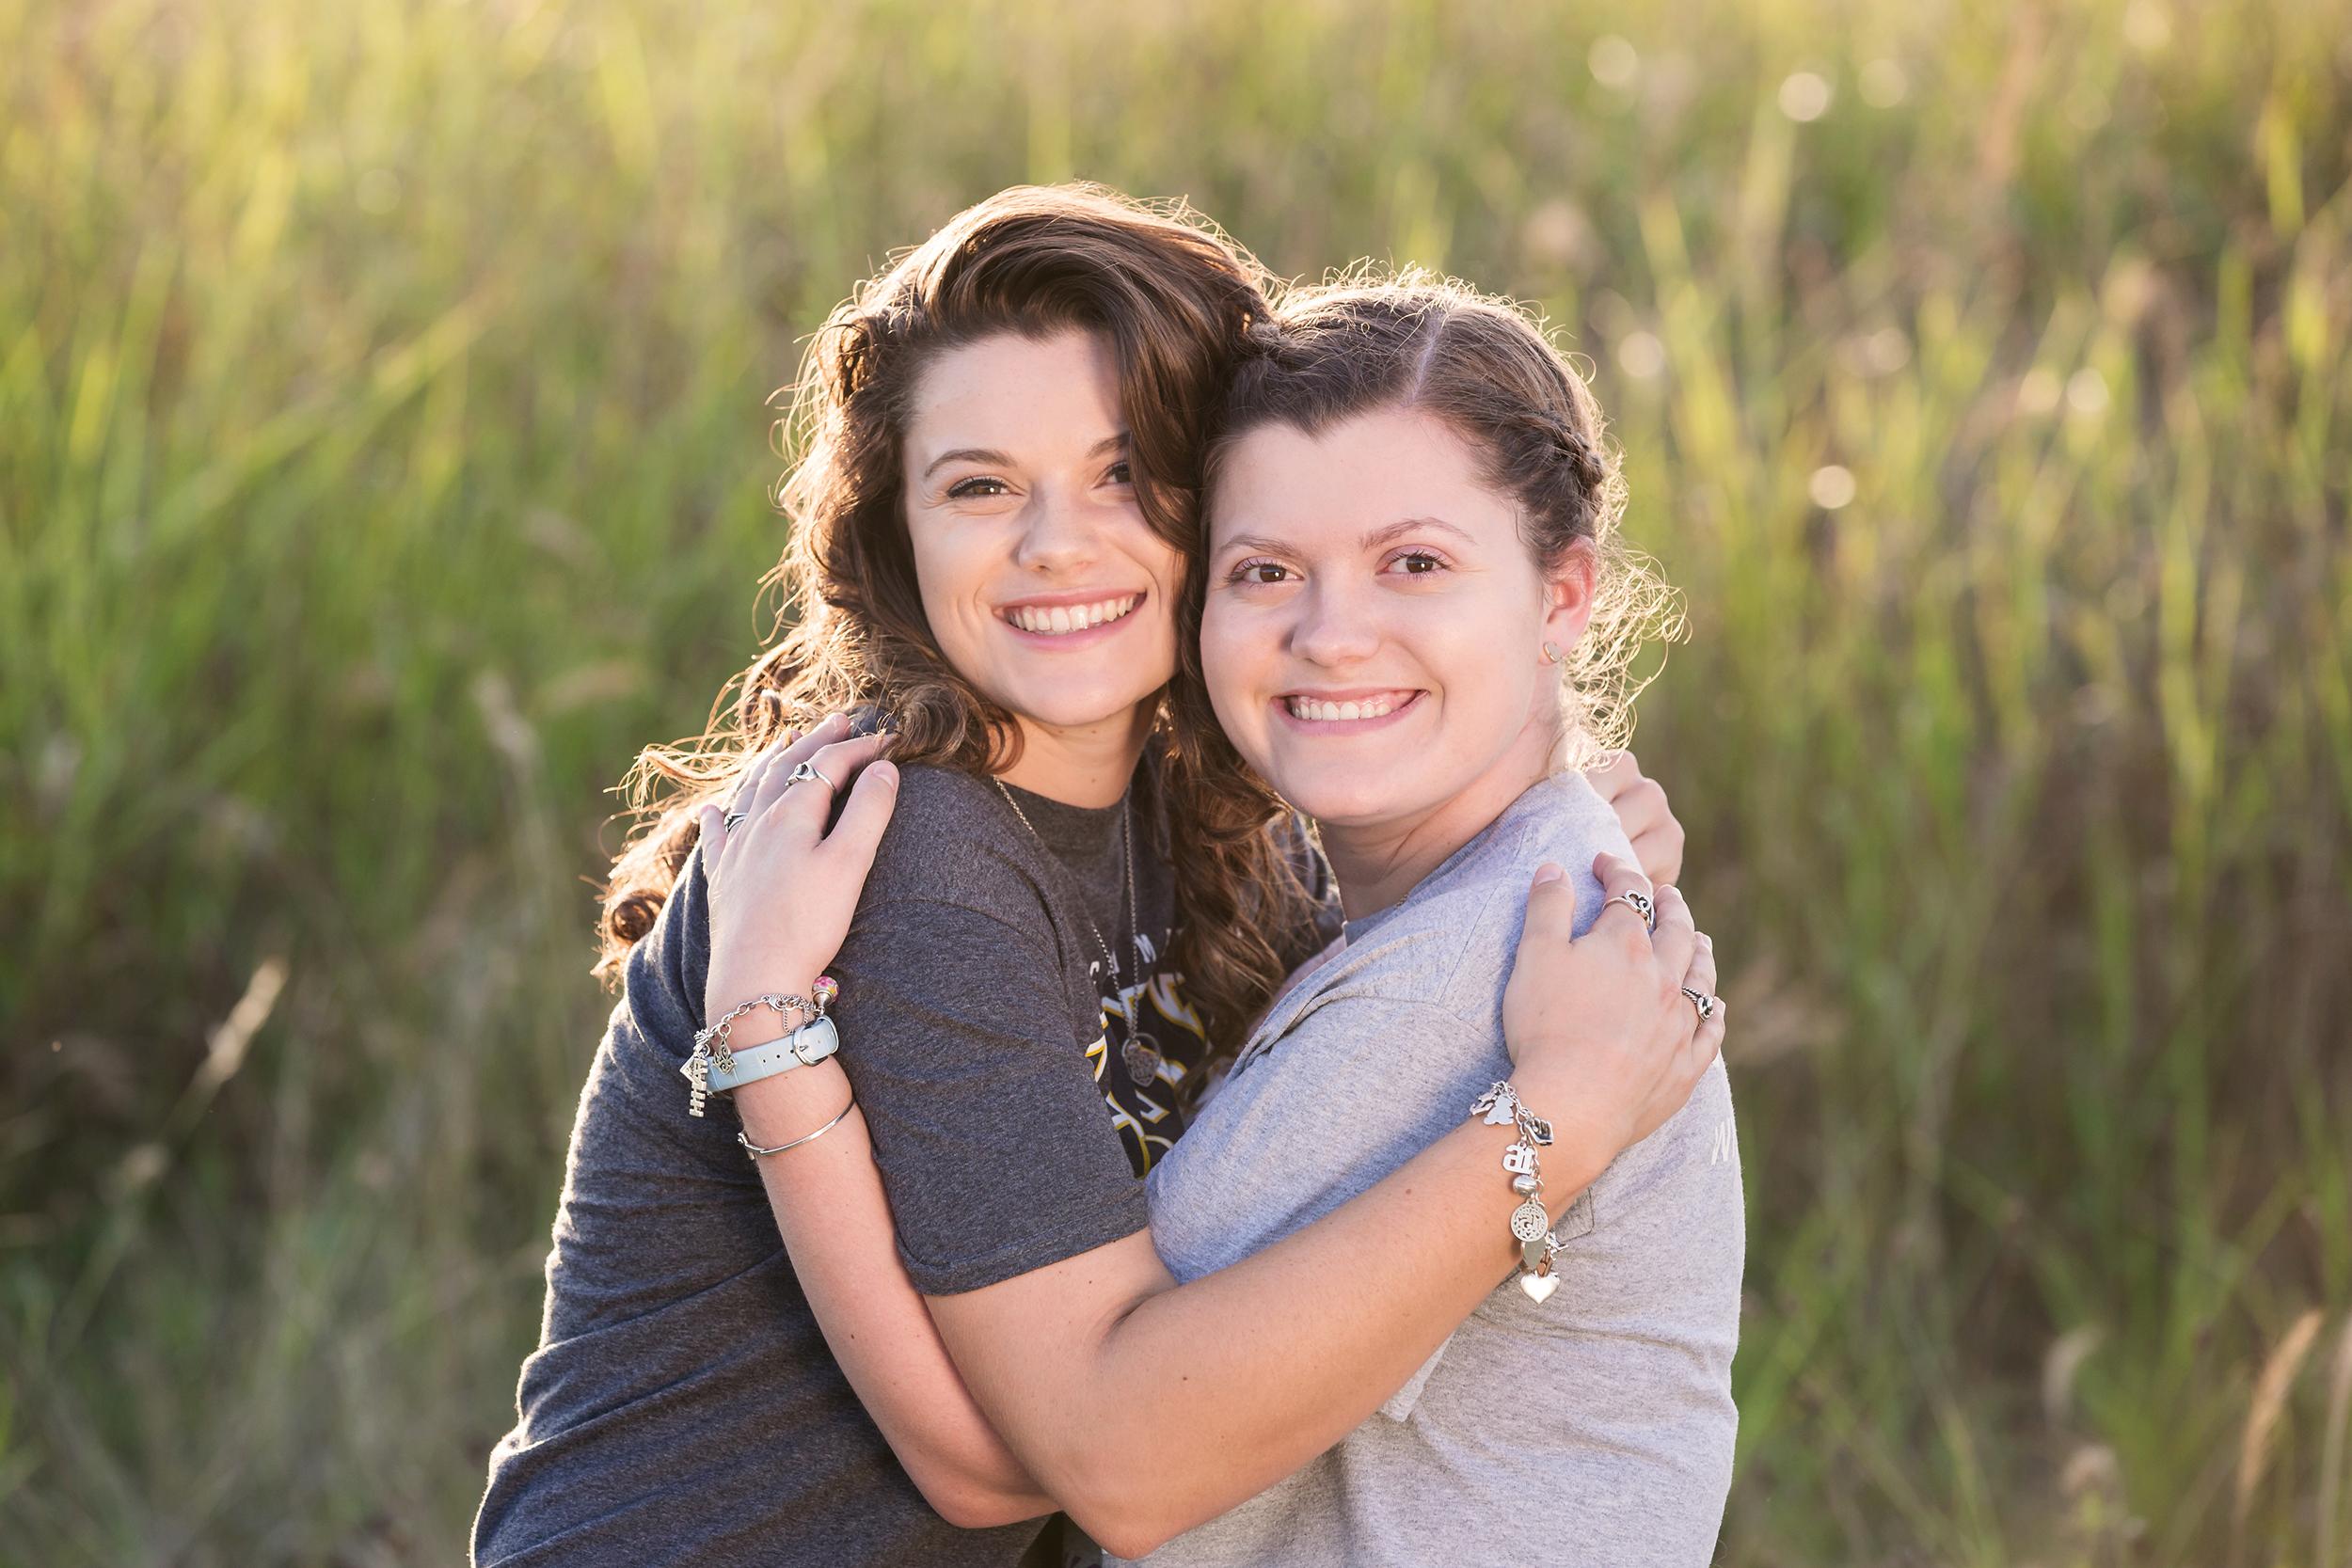 Family-sisters-hug.jpg